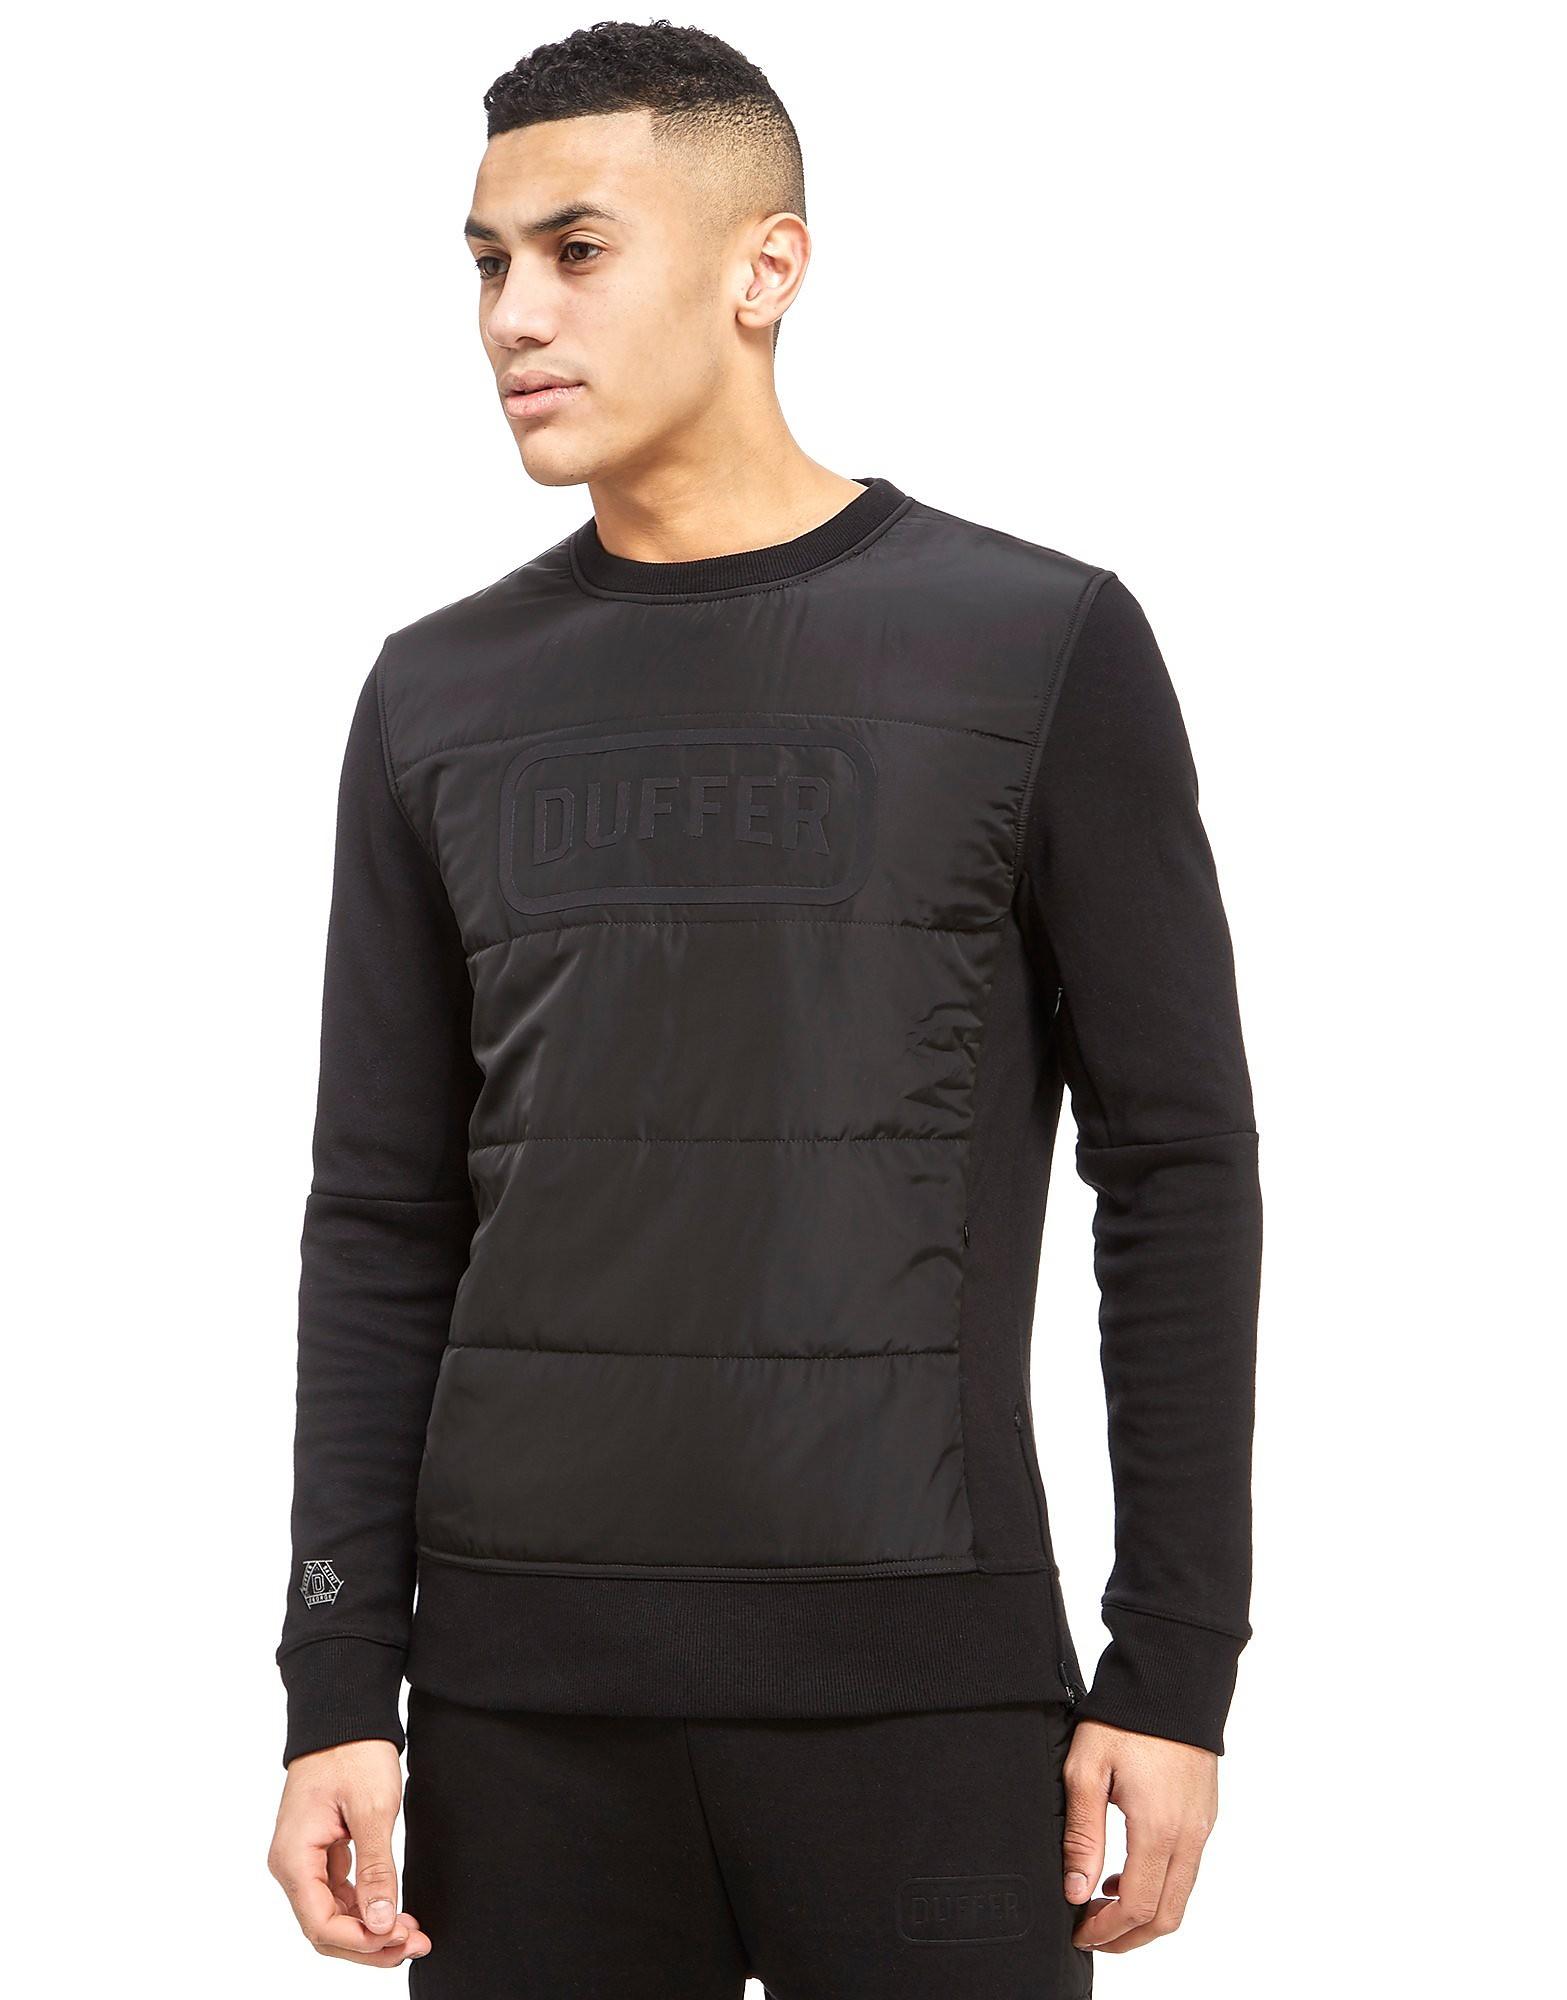 Duffer of St George Tenor Sweatshirt mit Rundhalsausschnitt